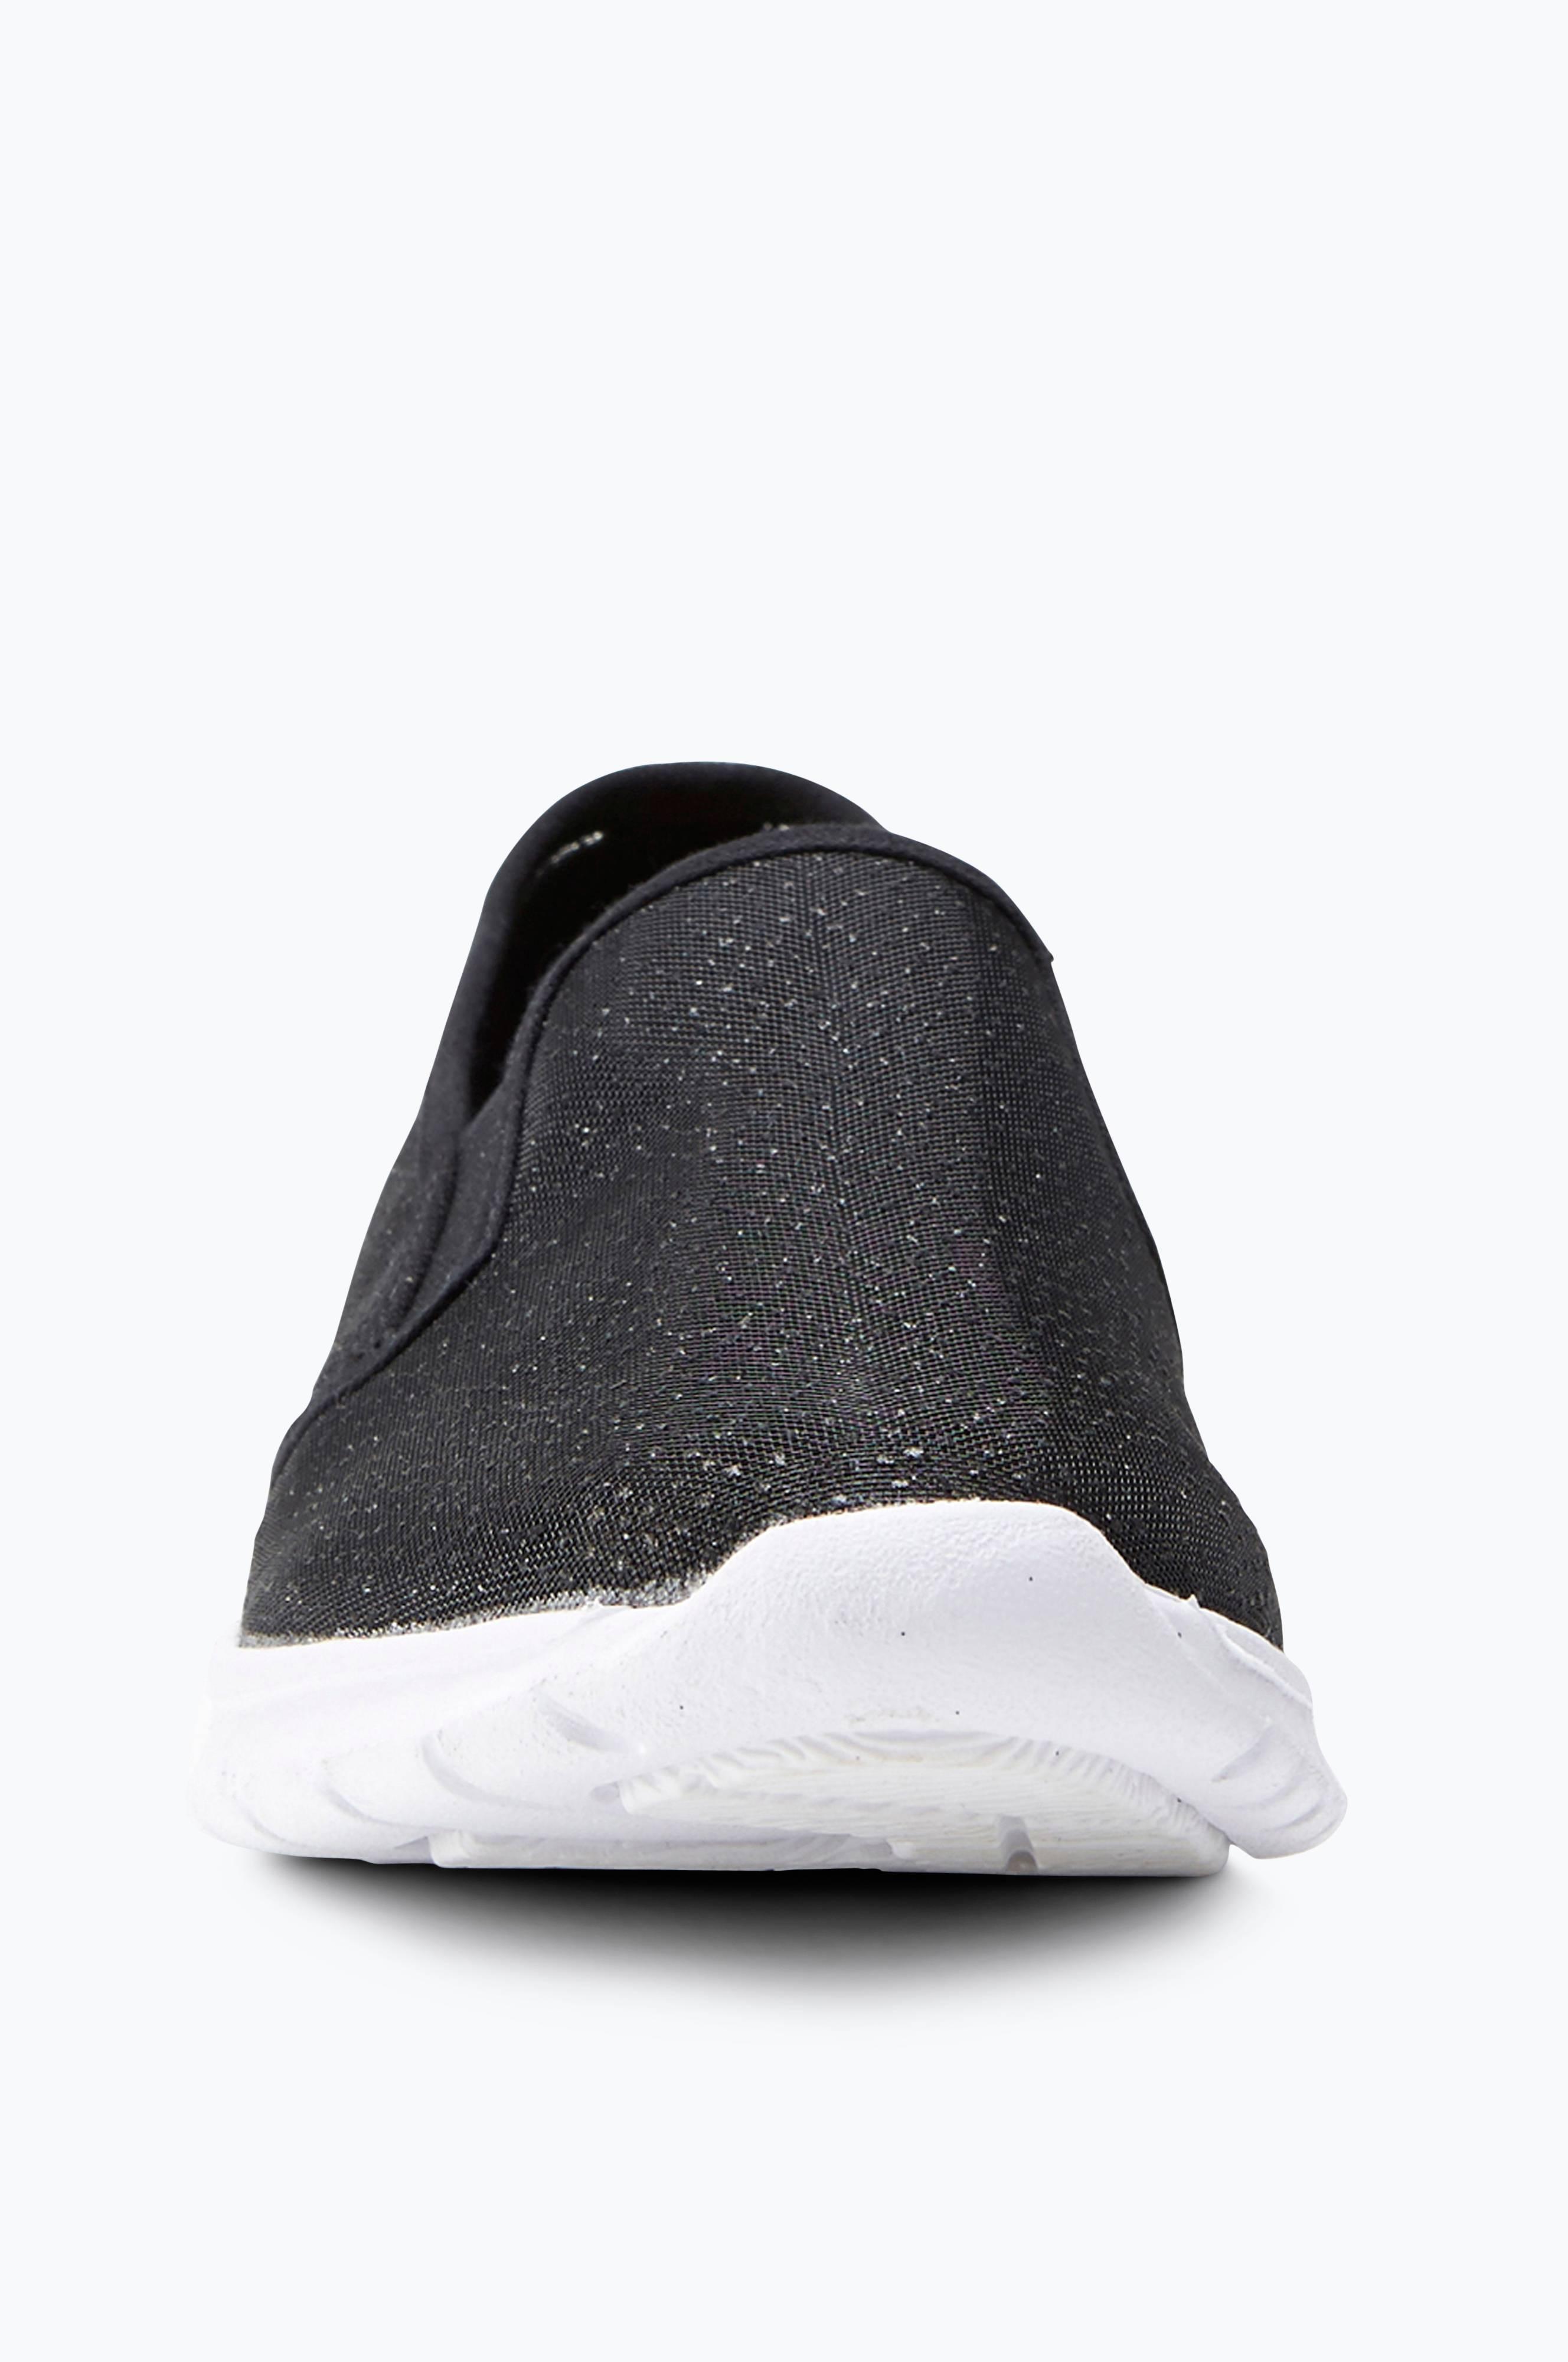 Ellos Shoes Sneakers slip on med glitter Svart Dam